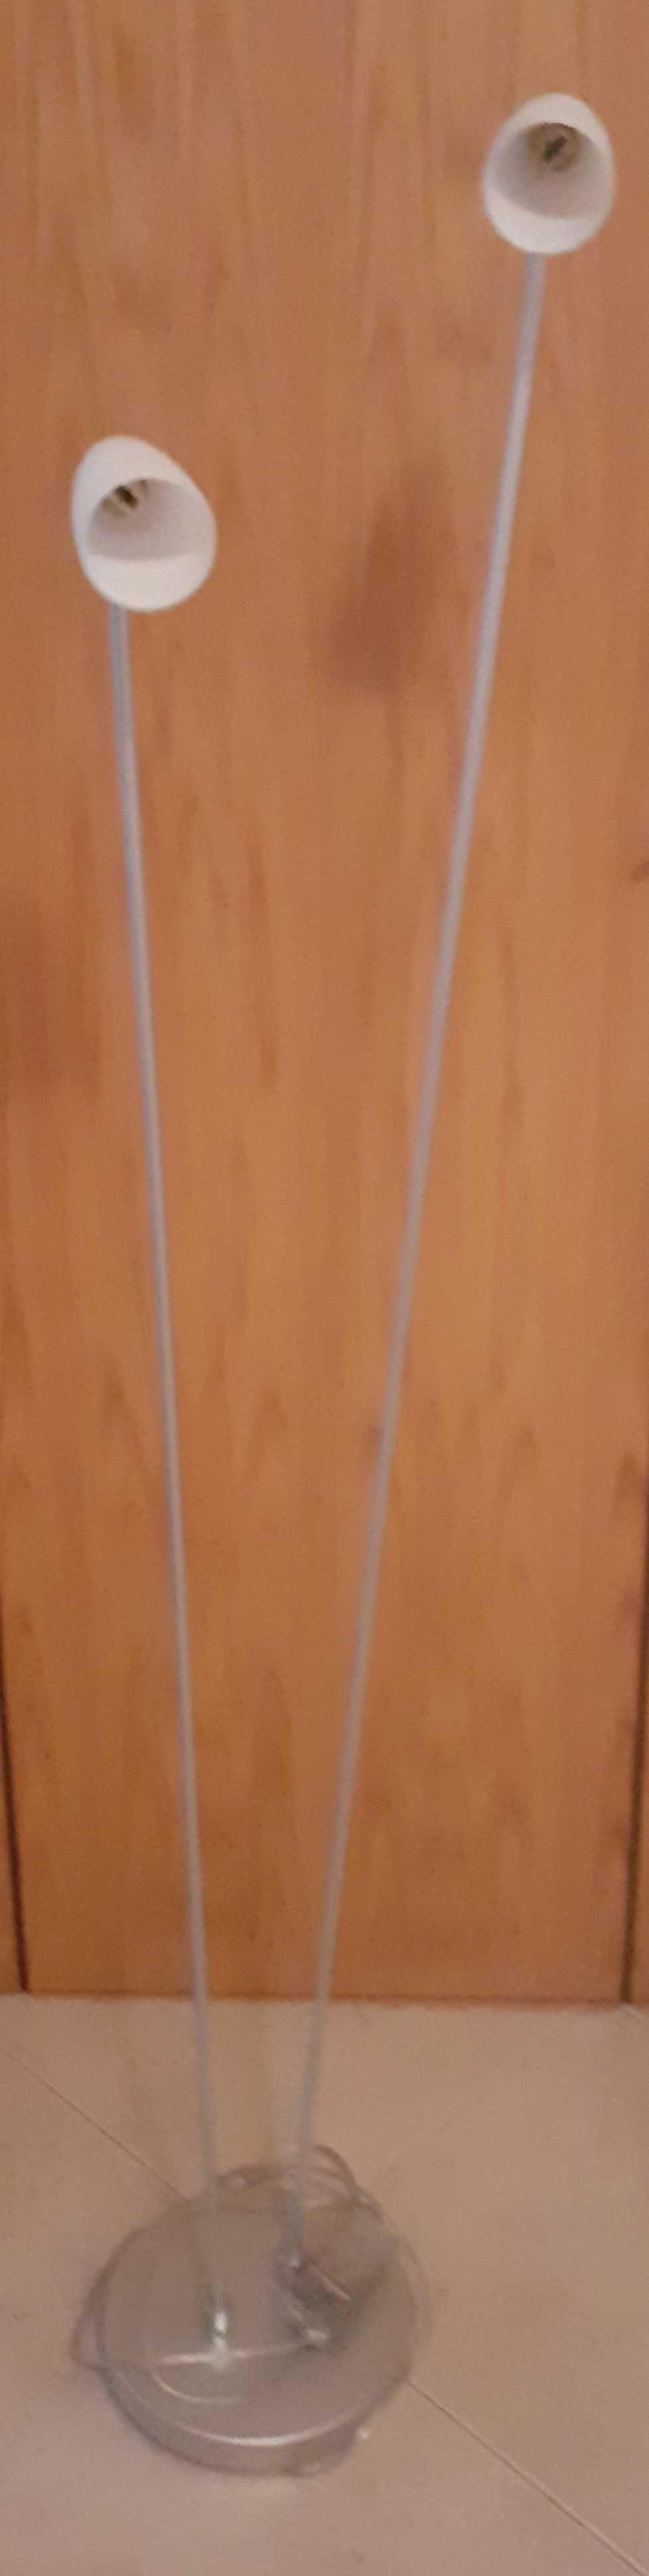 Candeeiro branco, de pé